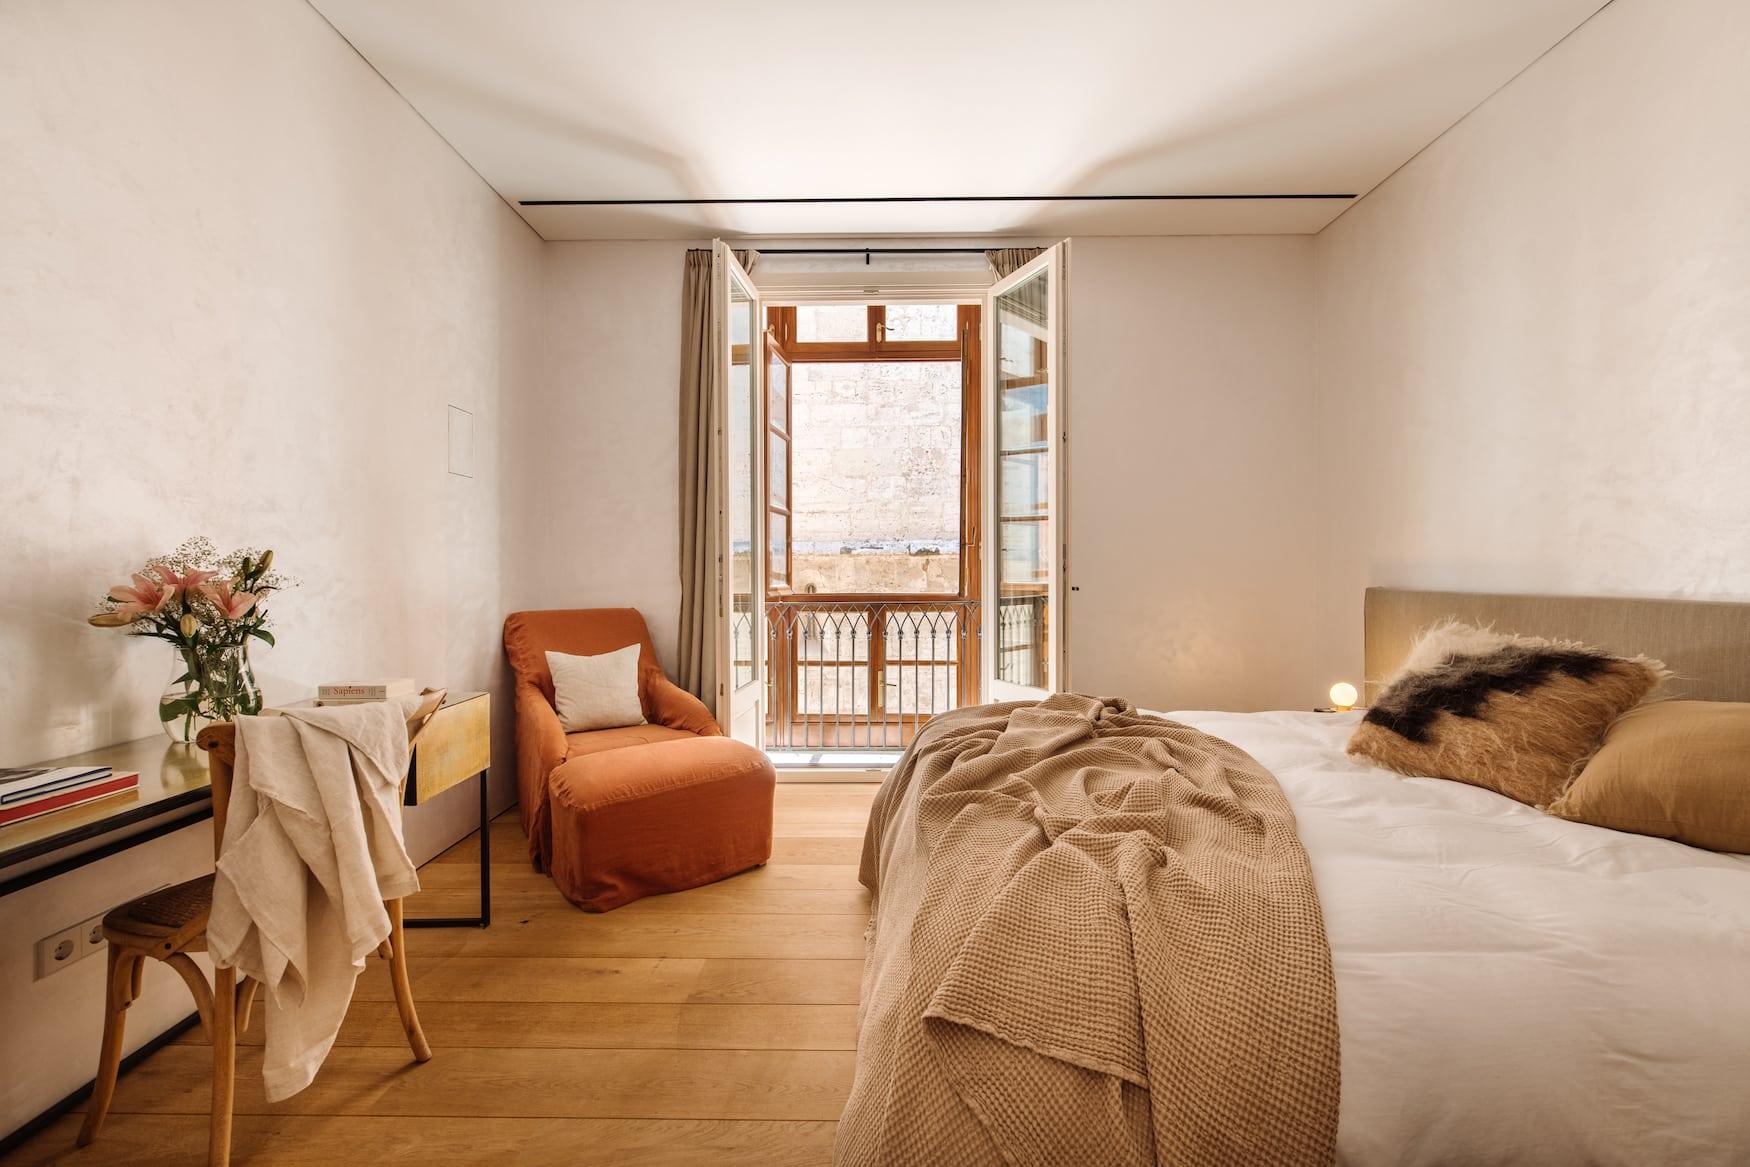 Schlafzimmer in Erdtönen